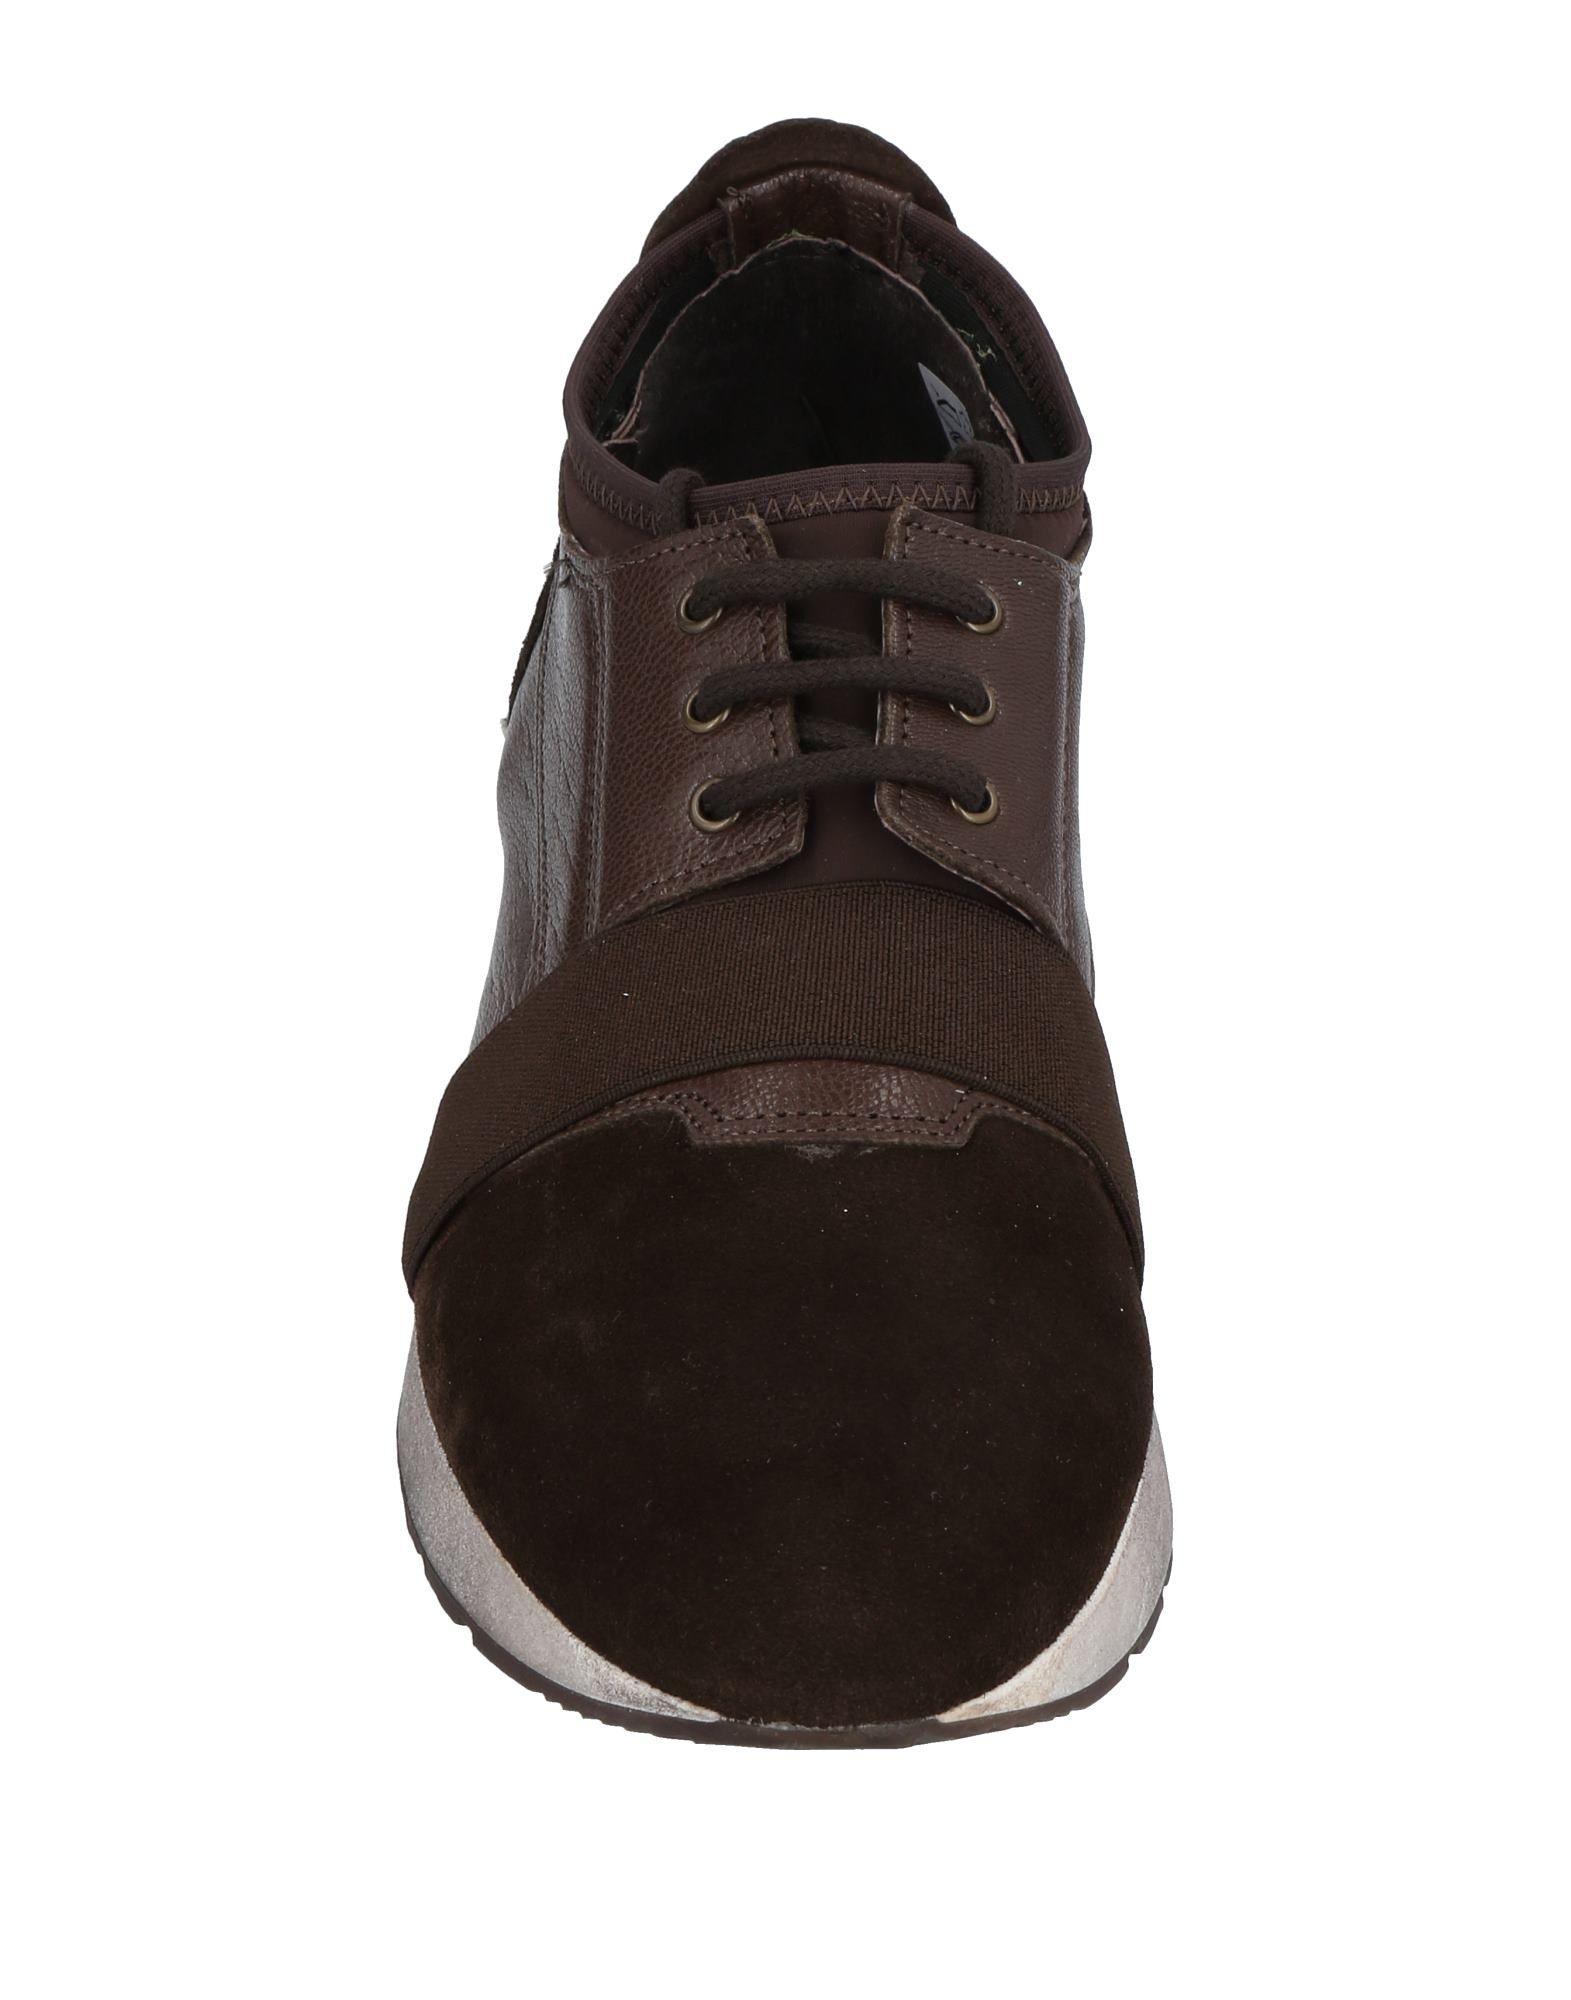 Tsd12 Sneakers Damen  beliebte 11453859IA Gute Qualität beliebte  Schuhe e8dc10